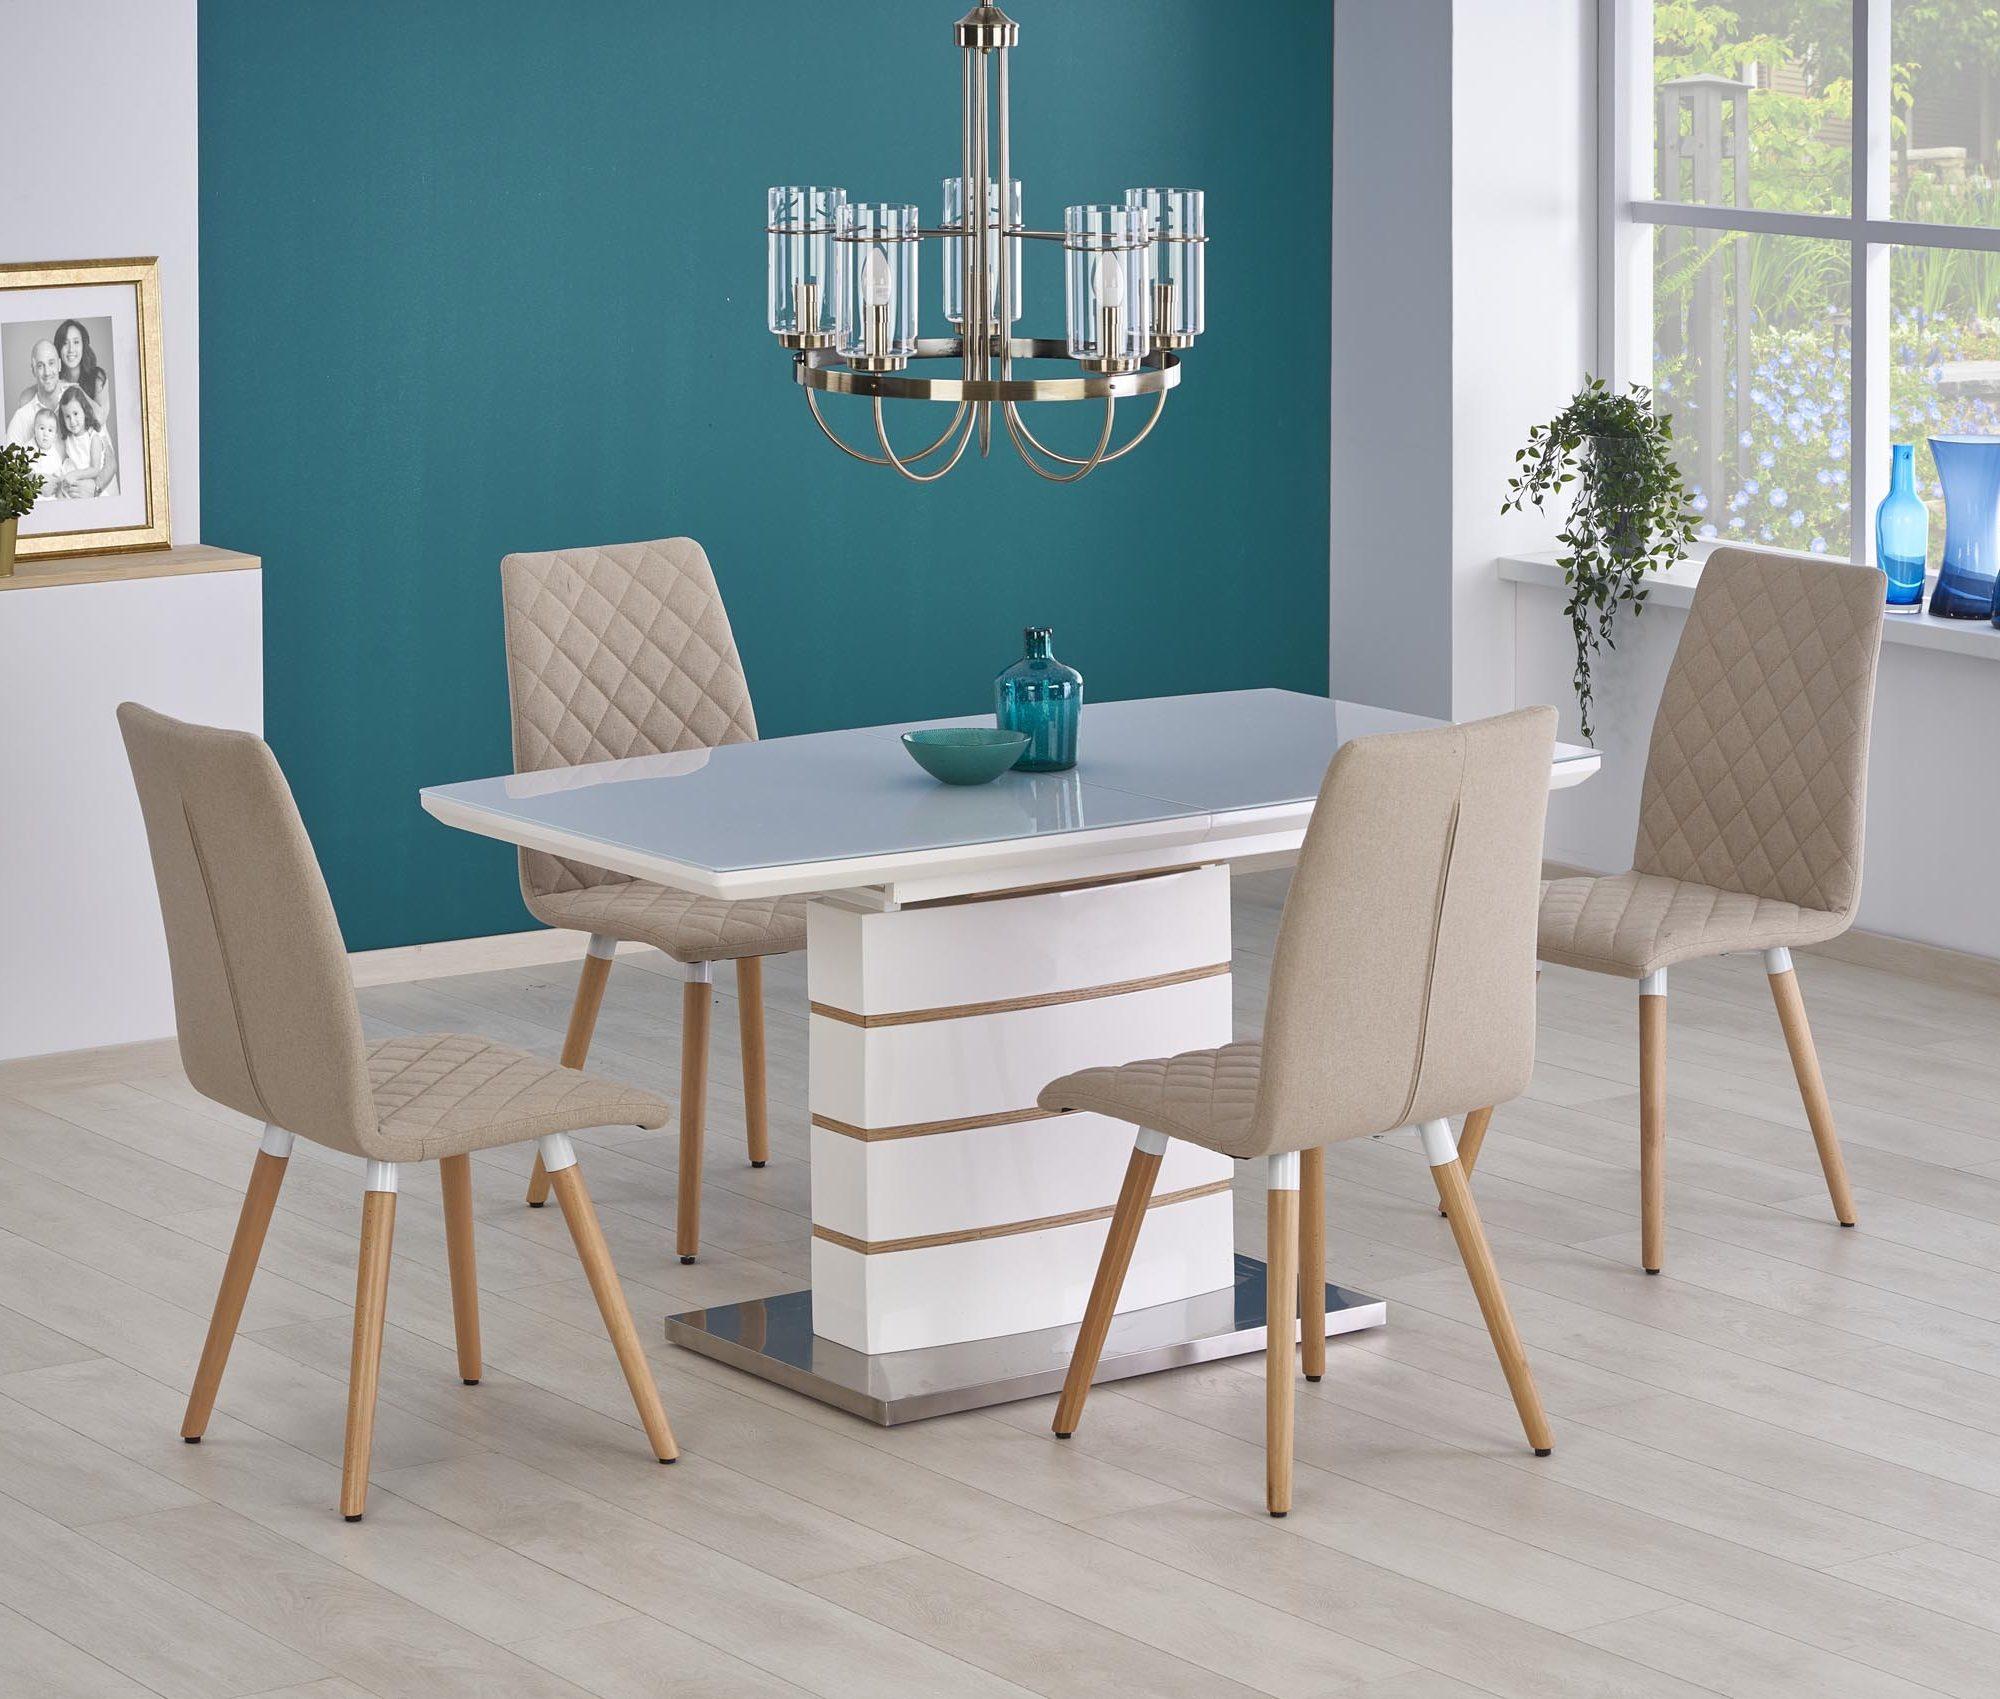 Jídelní stůl - Halmar - Toronto (pro 6 až 8 osob)